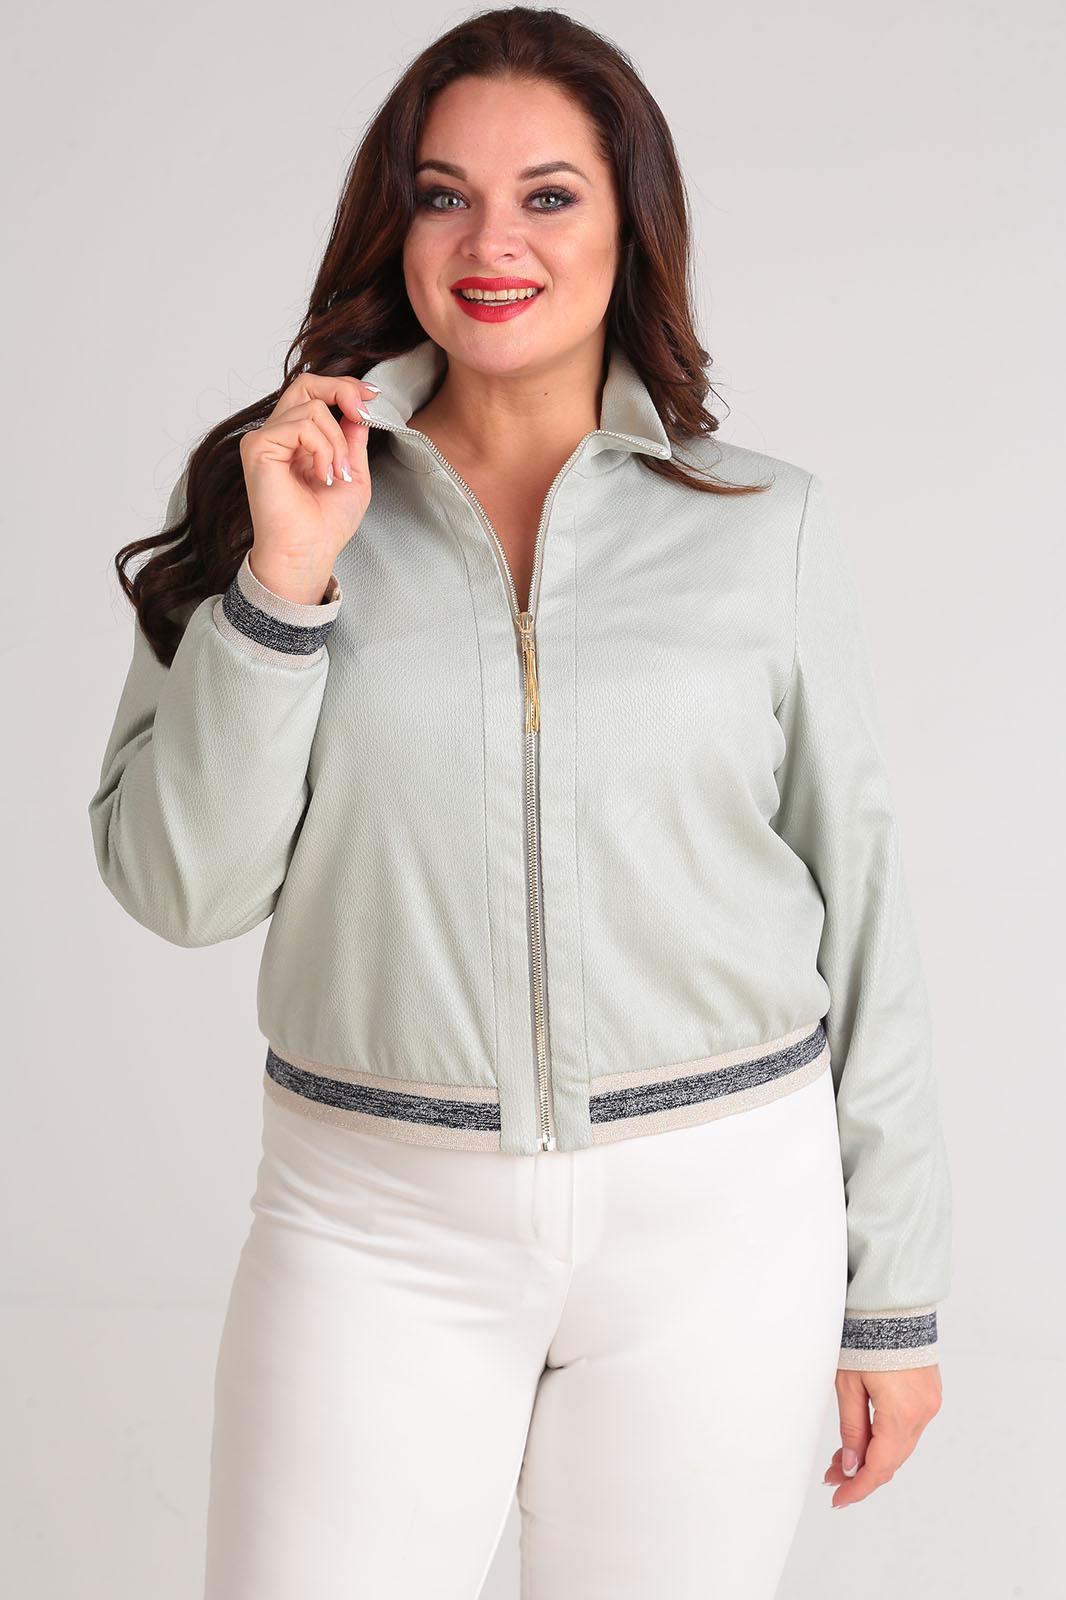 fb854dcaa05 Купить женскую куртку в Минске в интернет-магазине